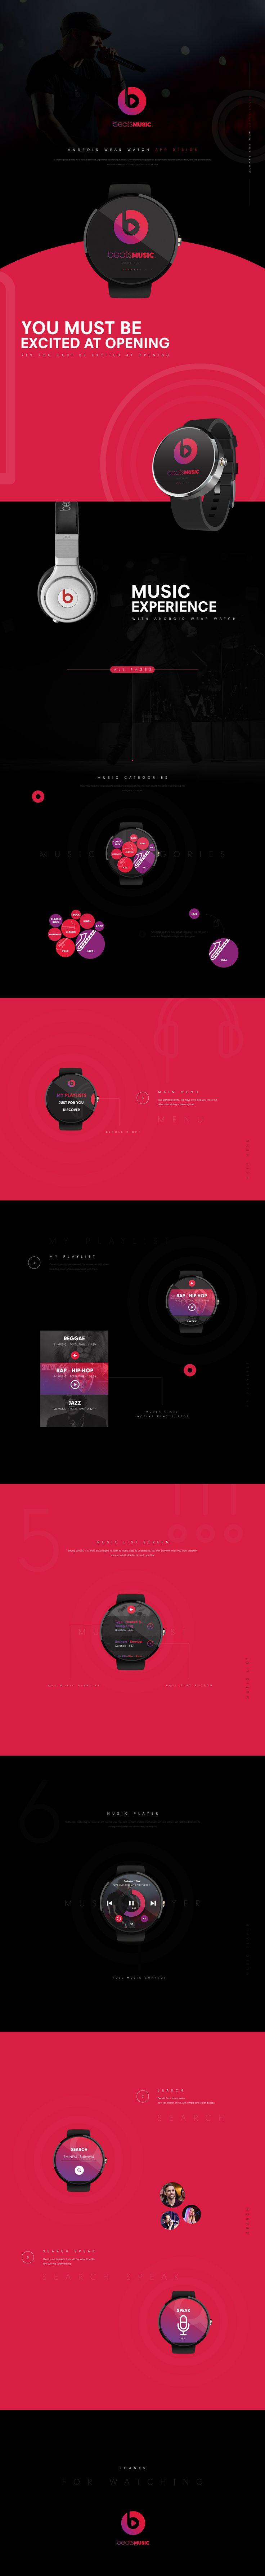 Beats Music Watch App Concept Design on Behance